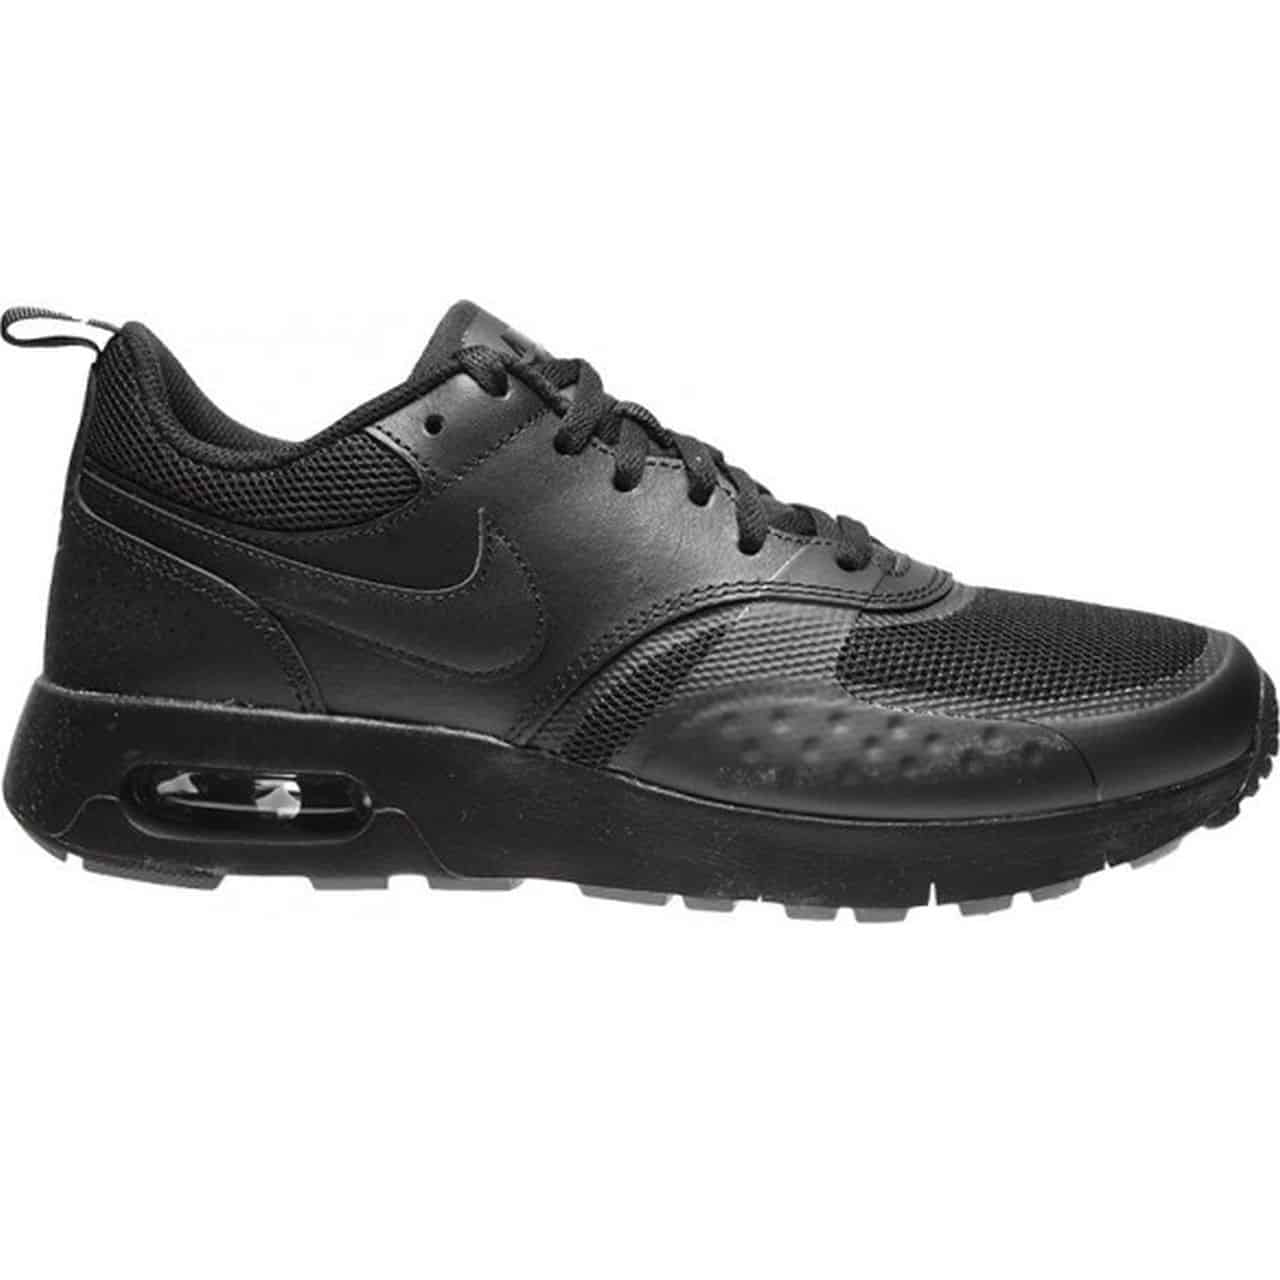 new products a550f dc935 AASport Blog Adidasi NIke Originali Online / www.aasport.ro